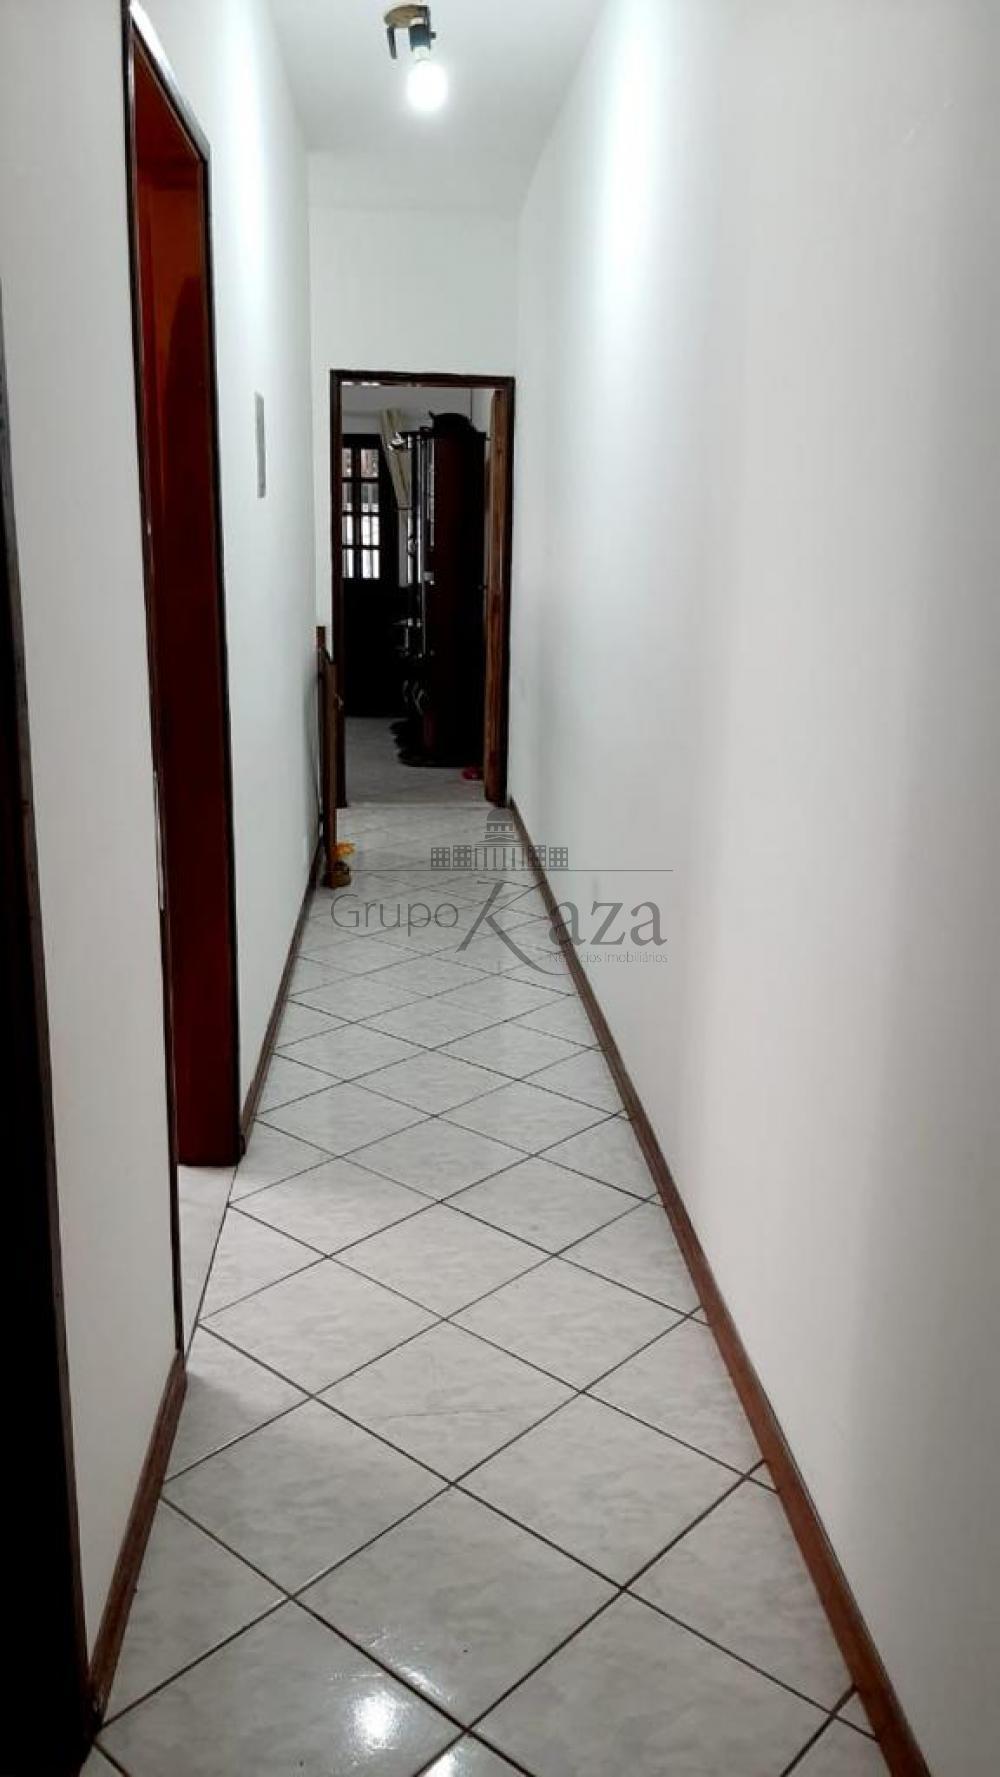 alt='Comprar Casa / Padrão em São José dos Campos R$ 320.000,00 - Foto 7' title='Comprar Casa / Padrão em São José dos Campos R$ 320.000,00 - Foto 7'